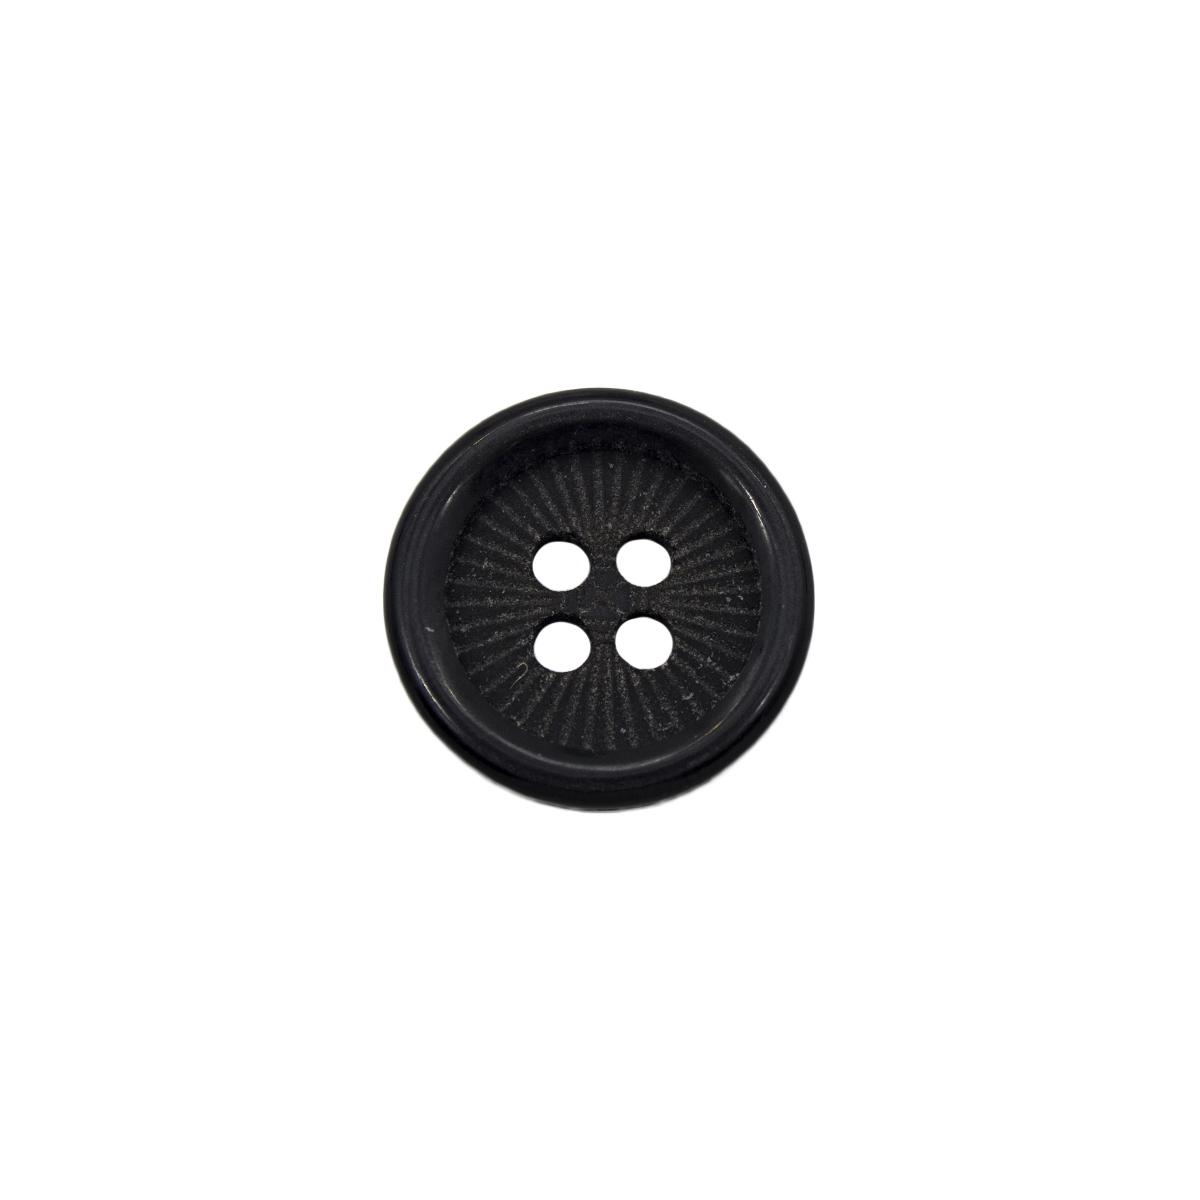 0314 2065A Пуговица 24L 36шт (C580 черный)